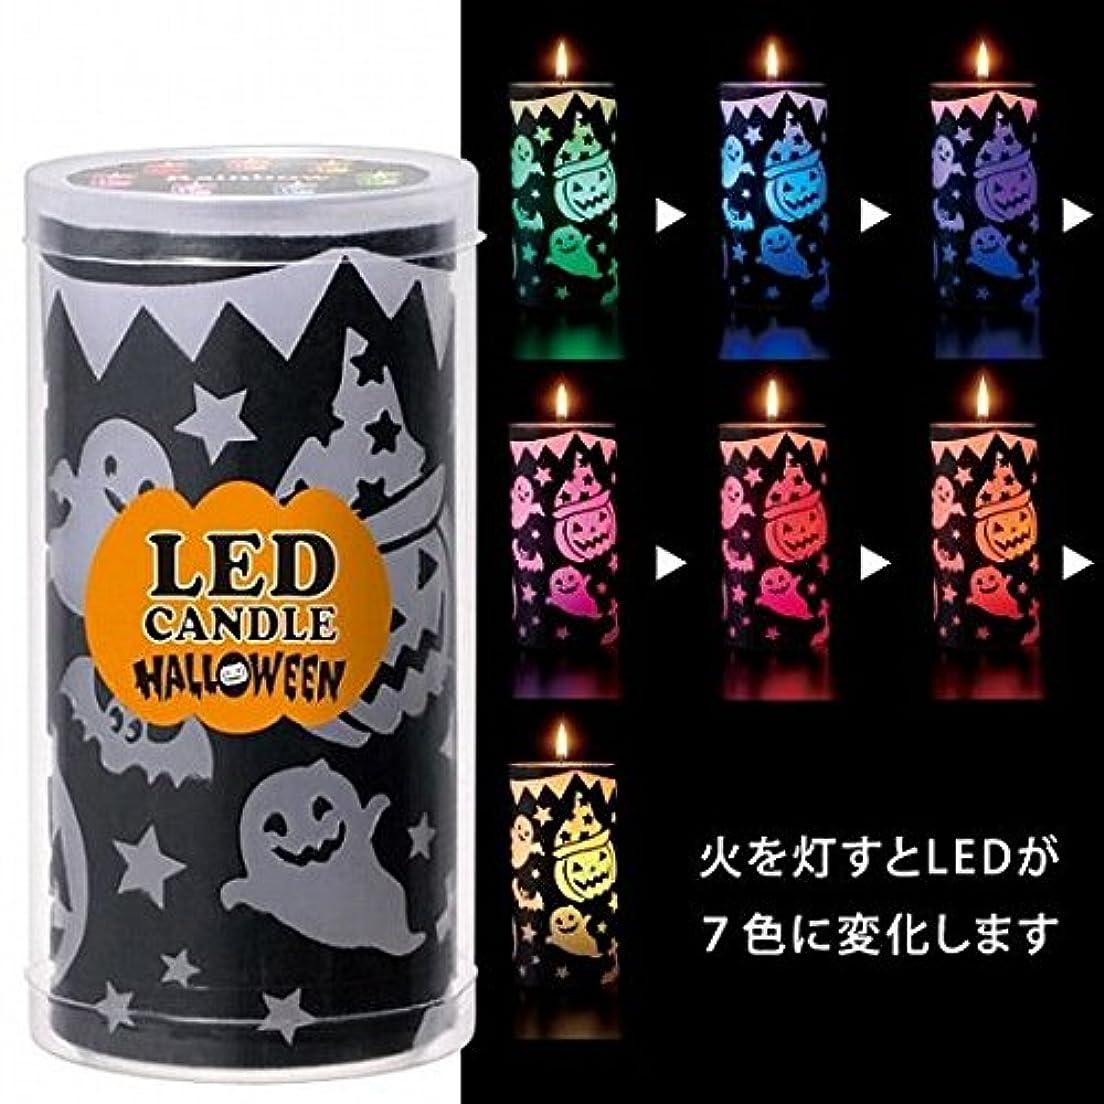 フレームワーク判読できない頂点kameyama candle(カメヤマキャンドル) LEDピラーパンプキン キャンドル(A9660050)